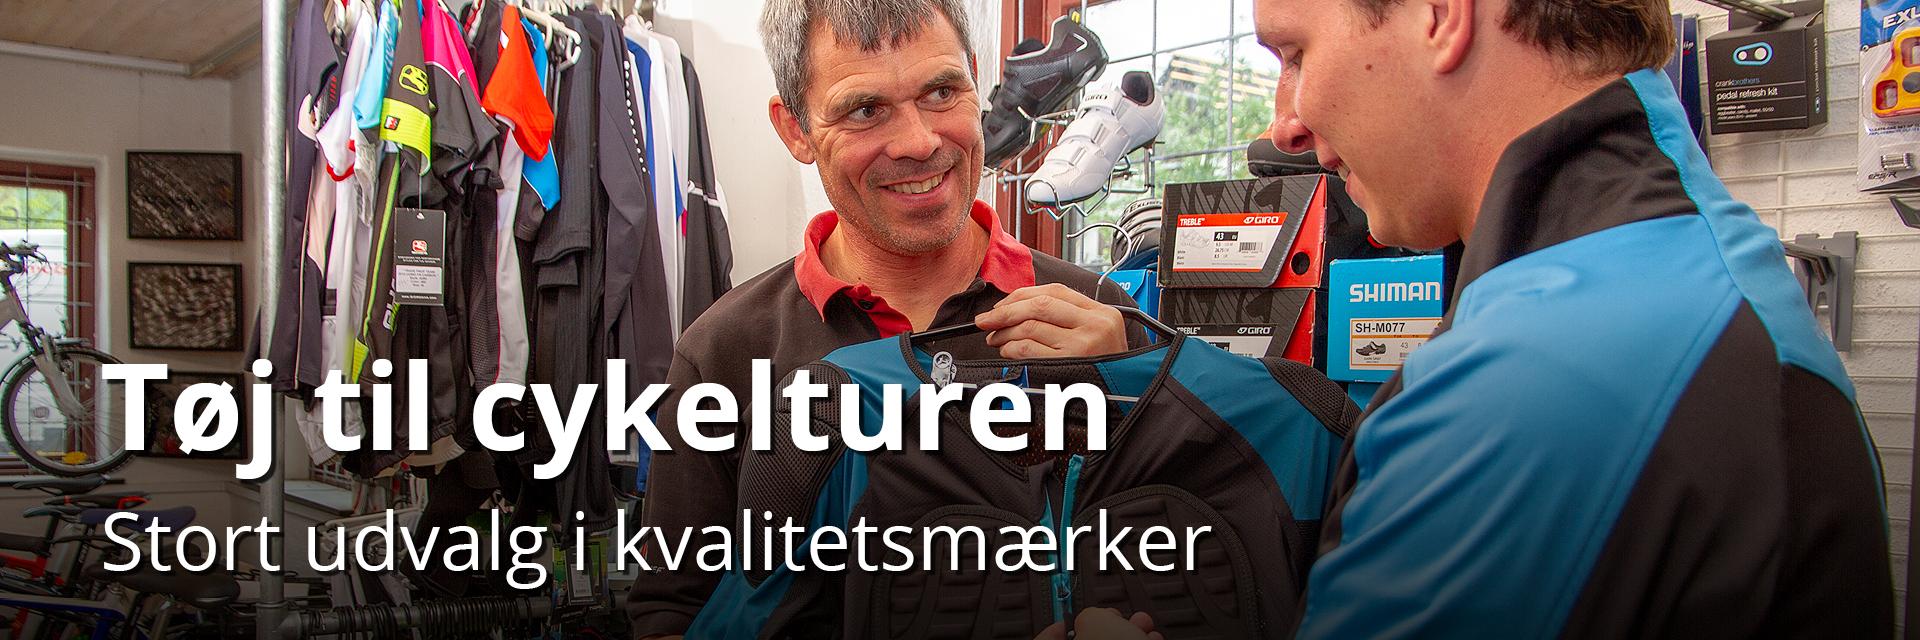 3acce84e193 Cykelbeklædning | www.cykeldoktoren.dk